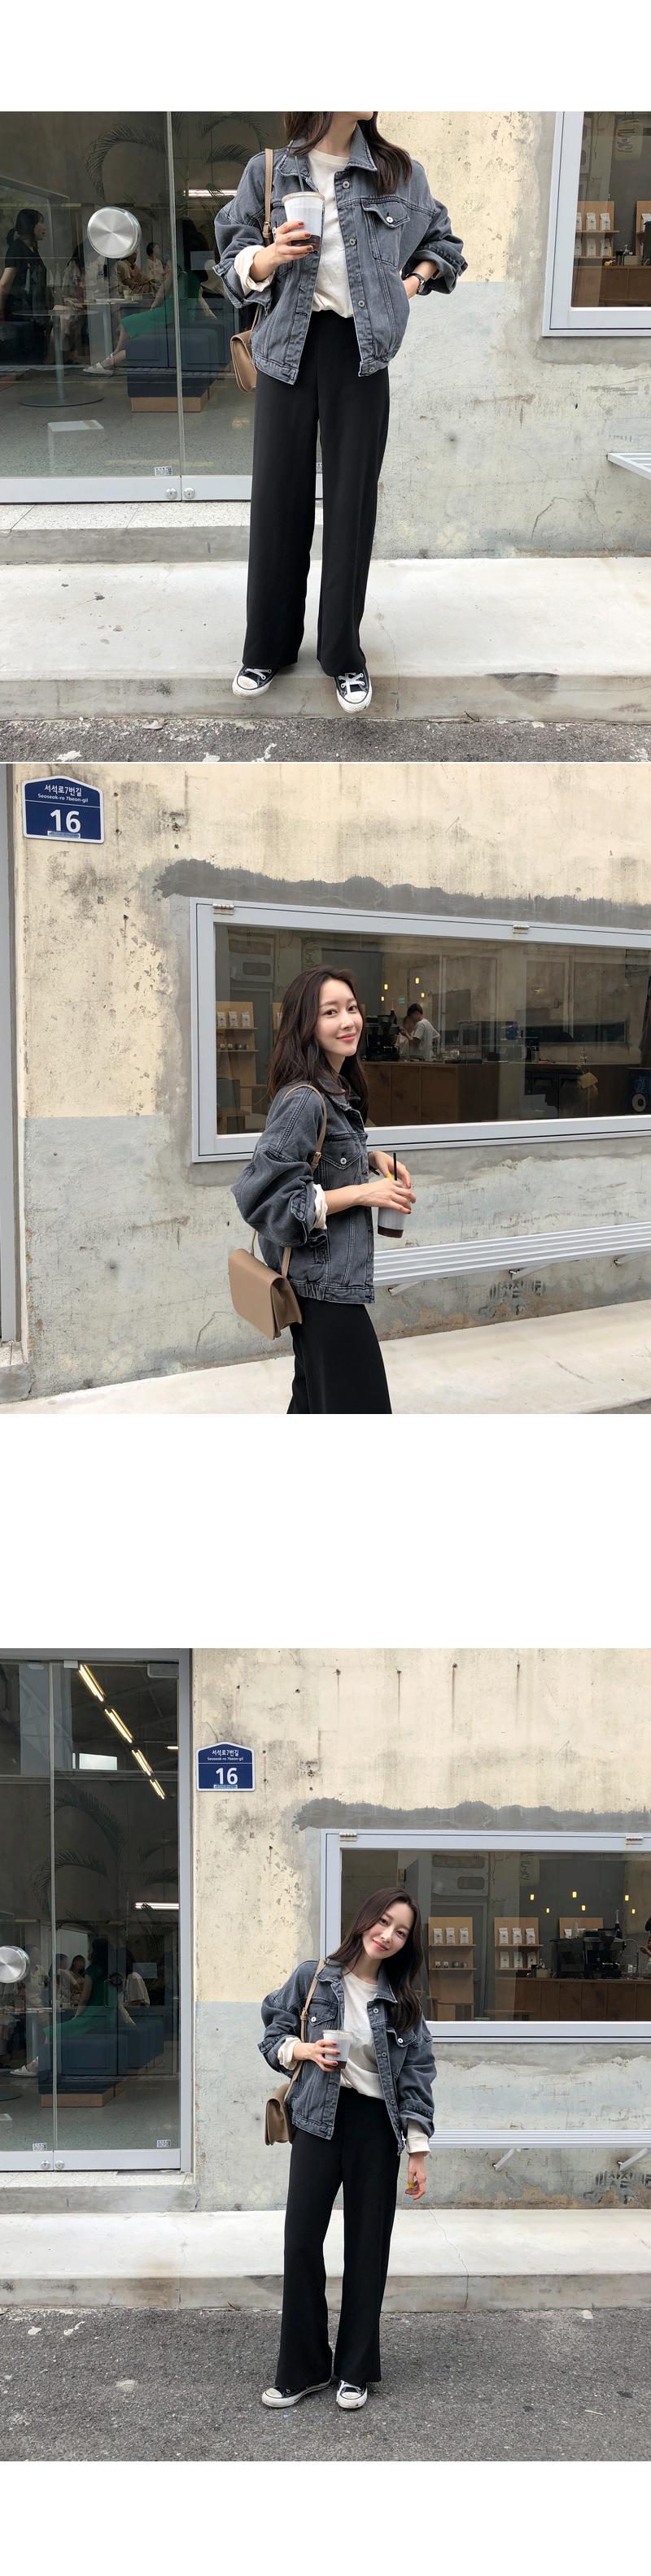 Uni mini bag